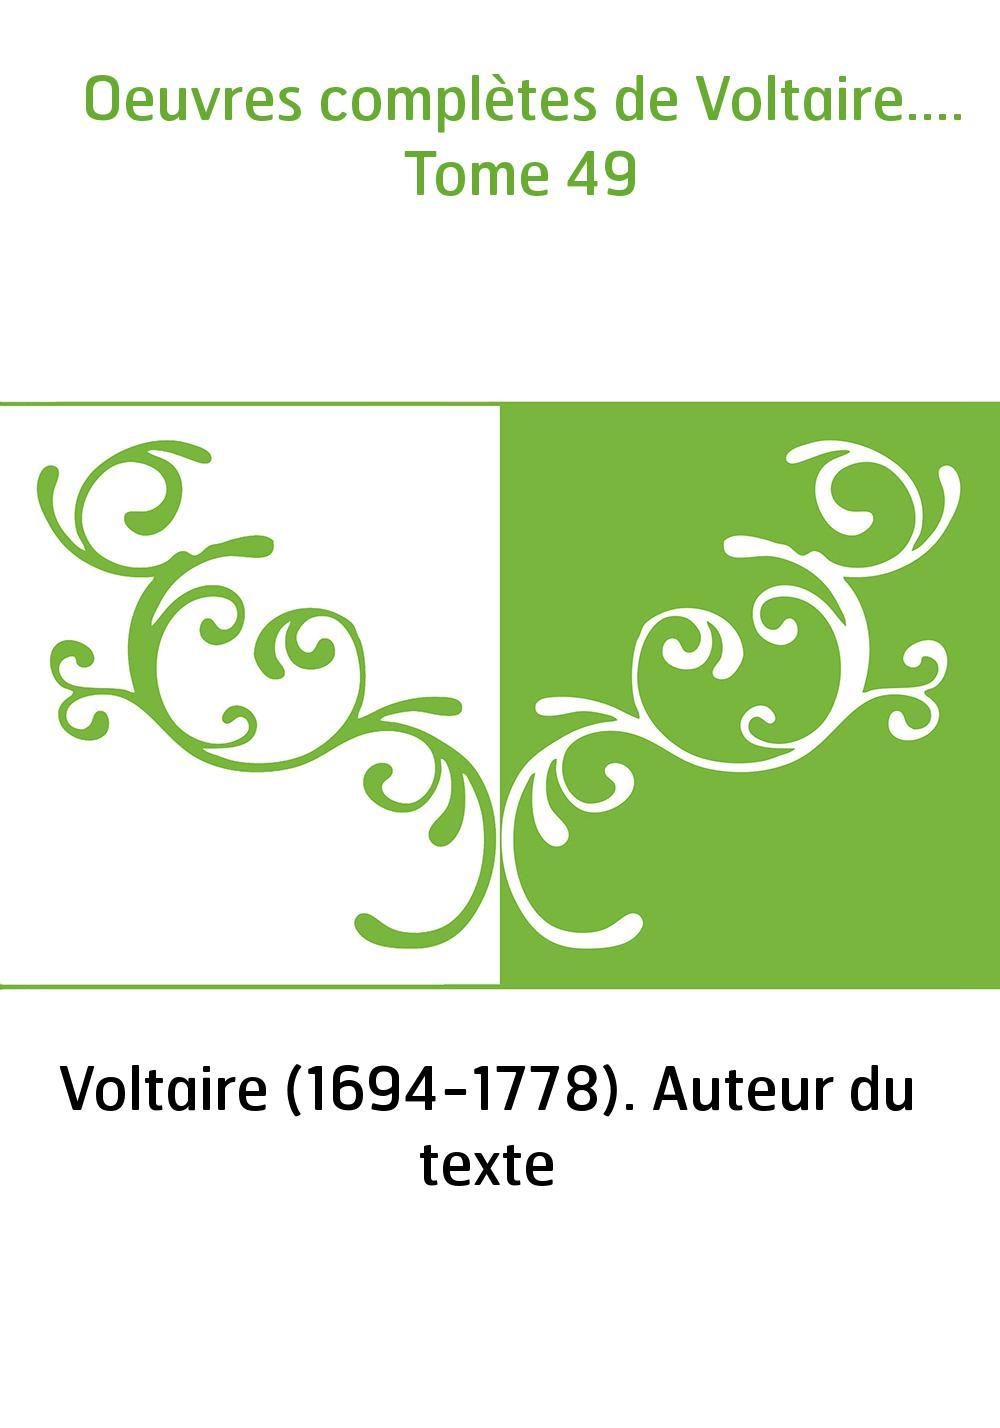 Oeuvres complètes de Voltaire.... Tome 49